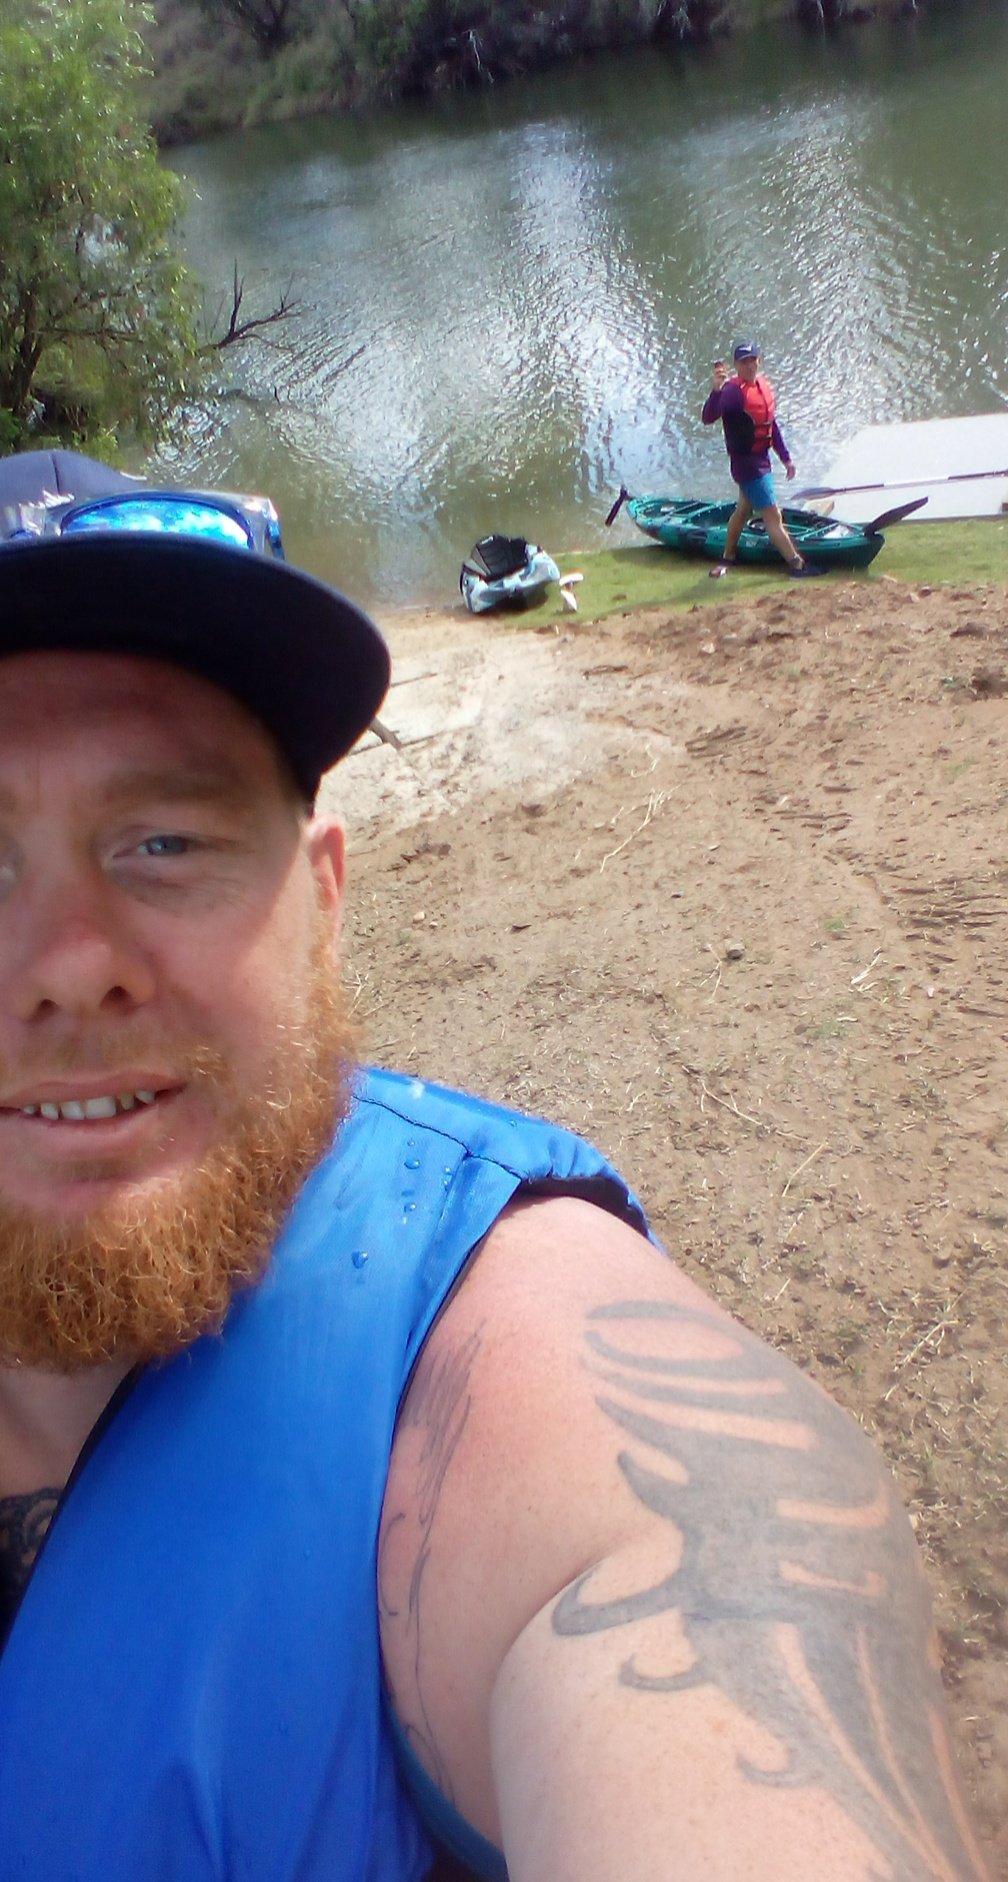 James90 from Queensland,Australia